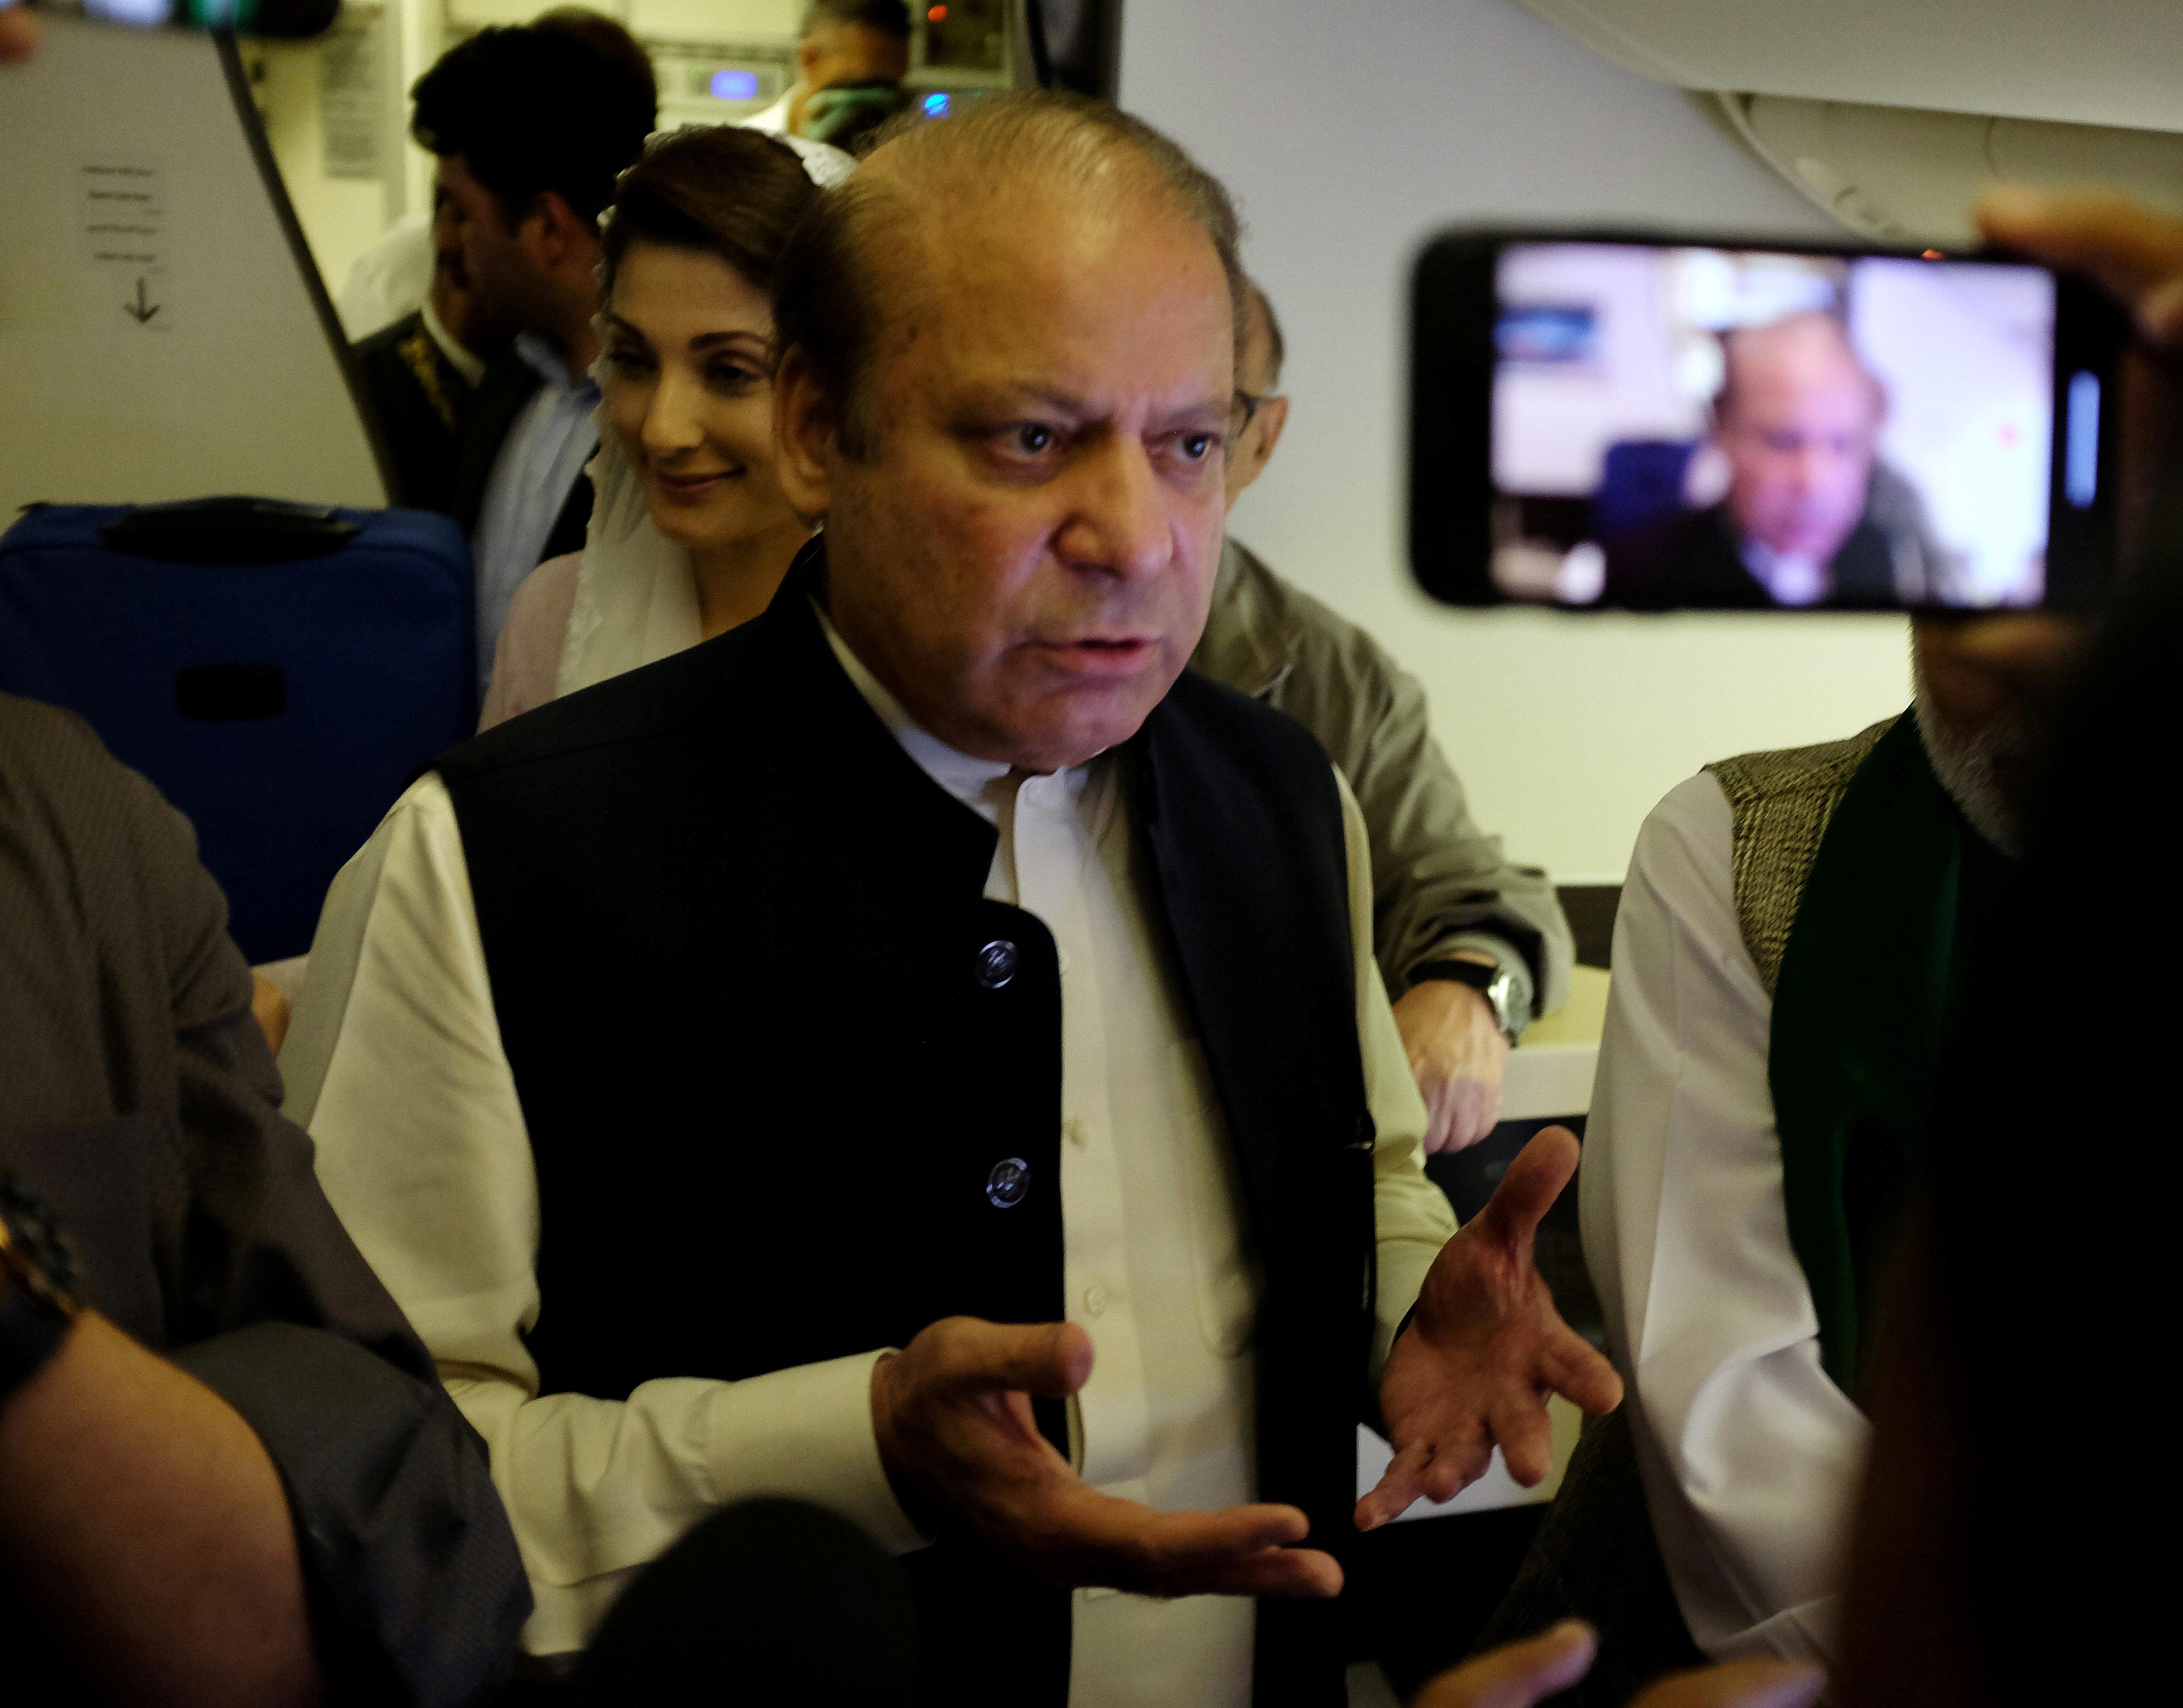 Πακιστάν: Συνελήφθη κατά την επιστροφή του στη χώρα ο καταδικασμένος πρώην πρωθυπουργός Ναουάζ